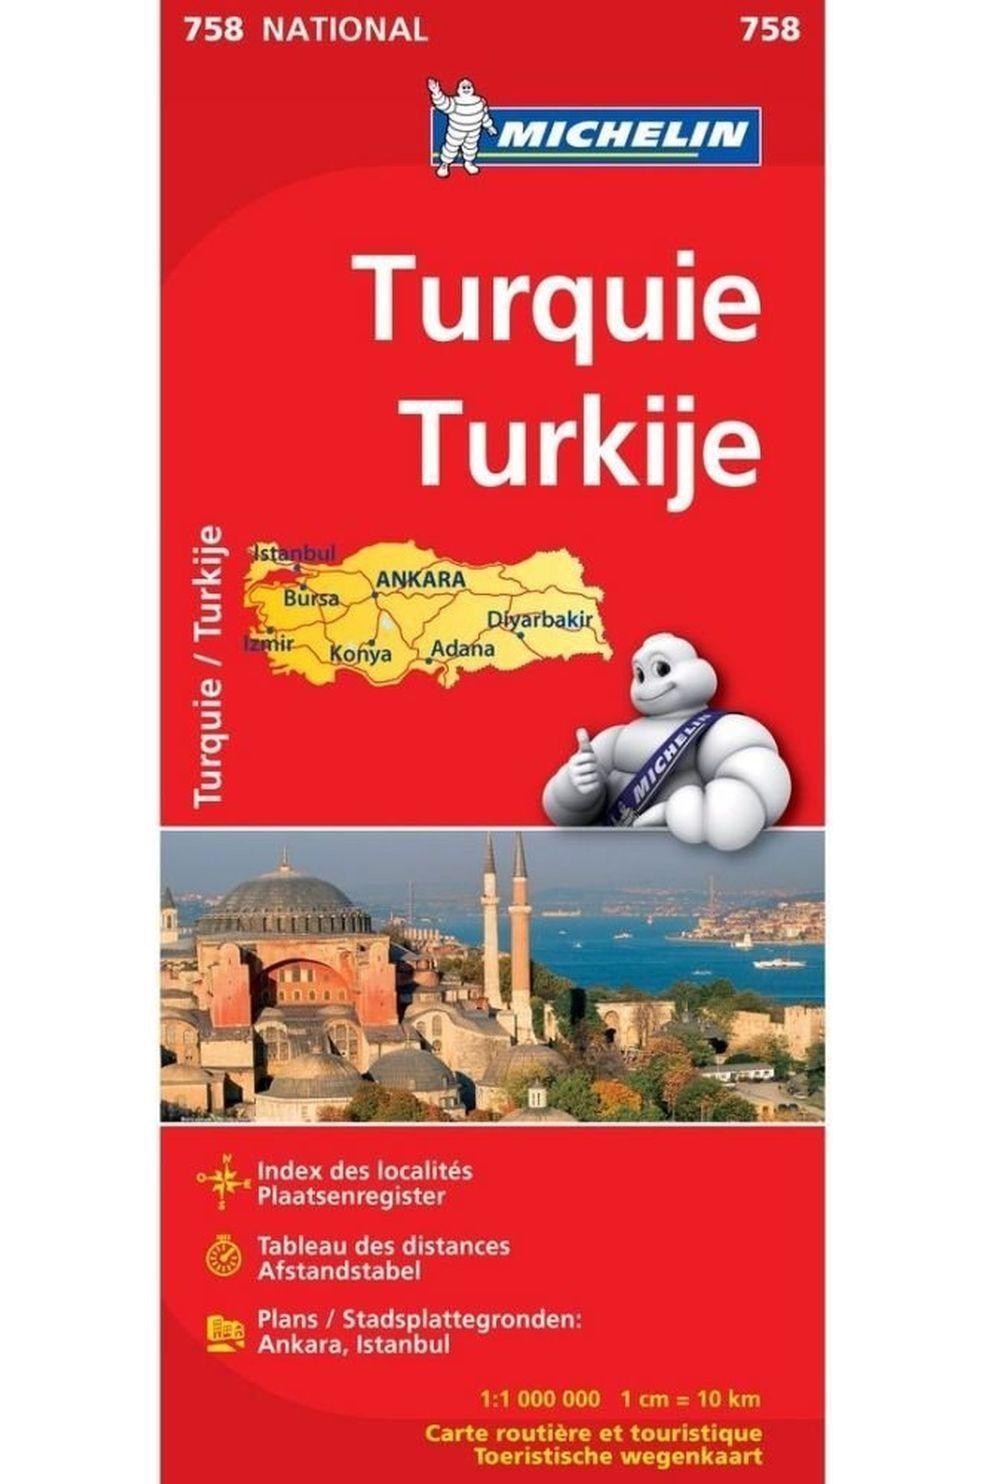 Michelin Turkije 758 Mich R/V (R) - 2016